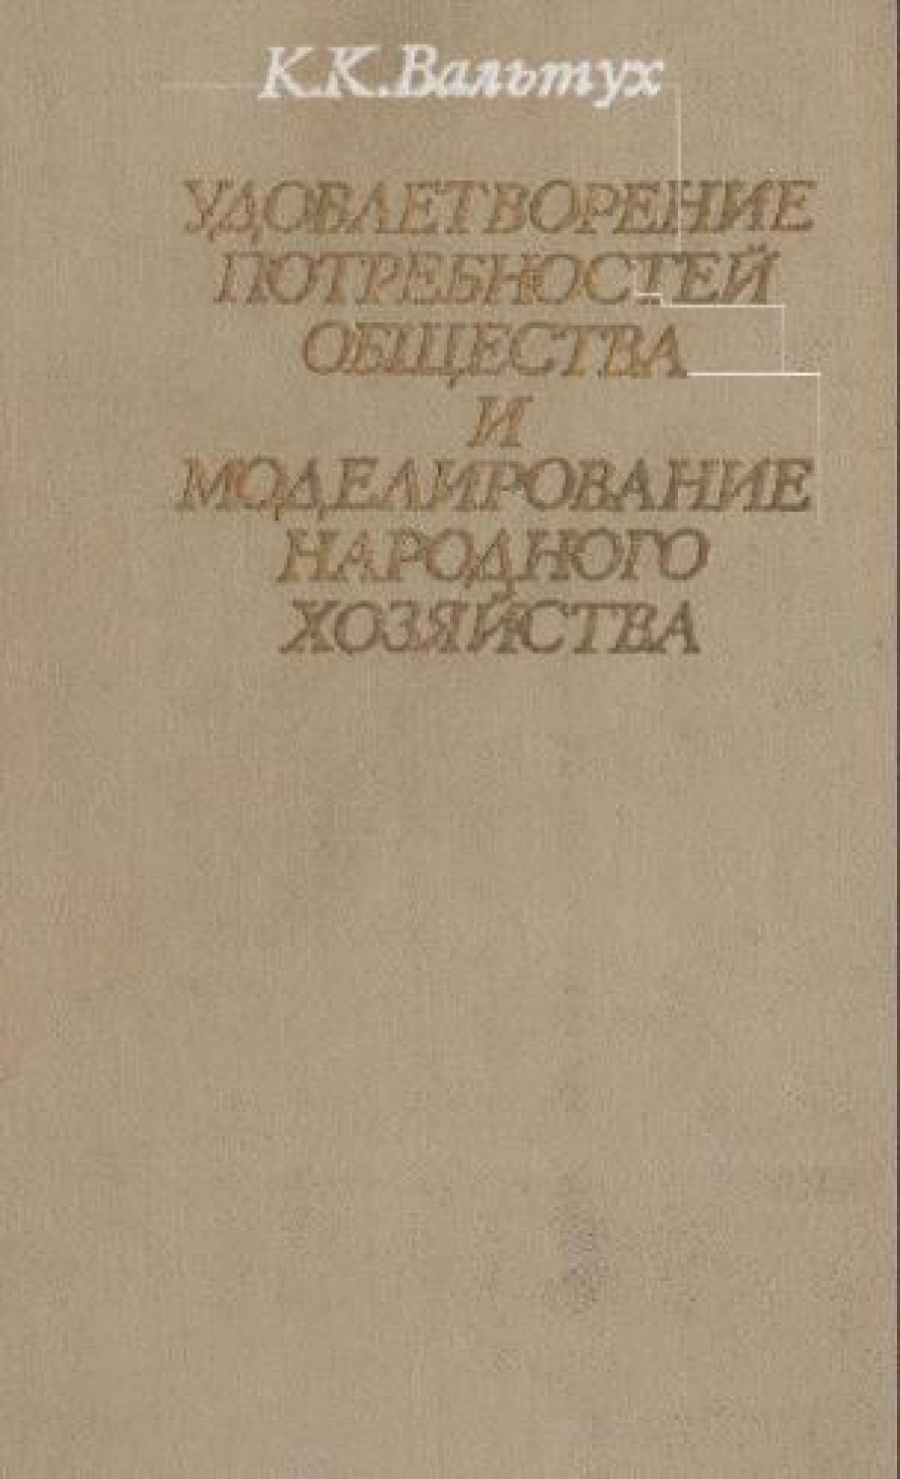 Обложка книги:  вальтух к.к. - удовлетворение потребностей общества и моделирование народного хозяйства